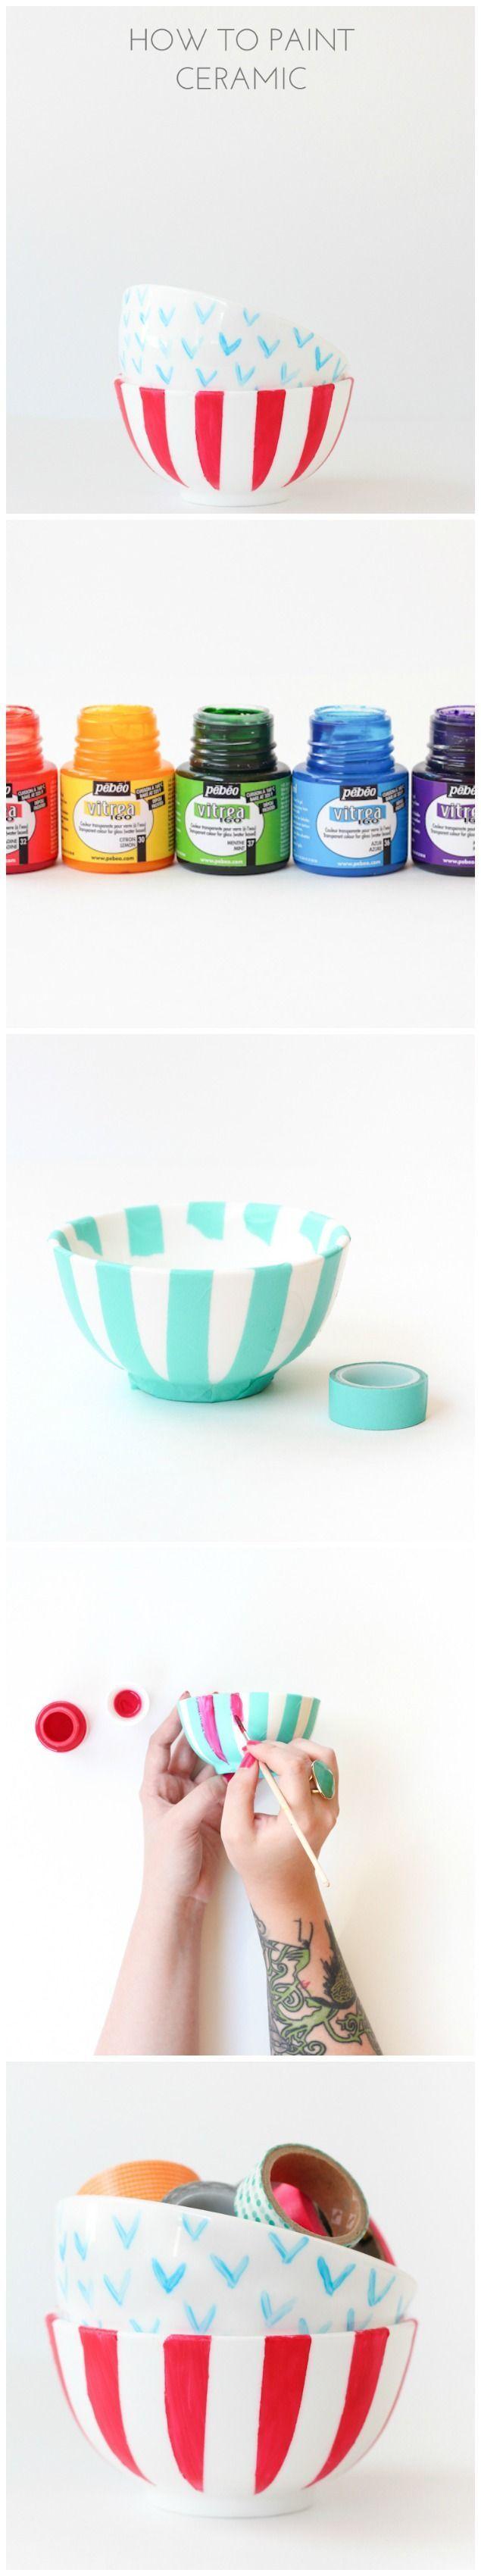 ¿Cómo pintar cerámica / porcelana / vidrio y hacerlo apto para lavavajillas!